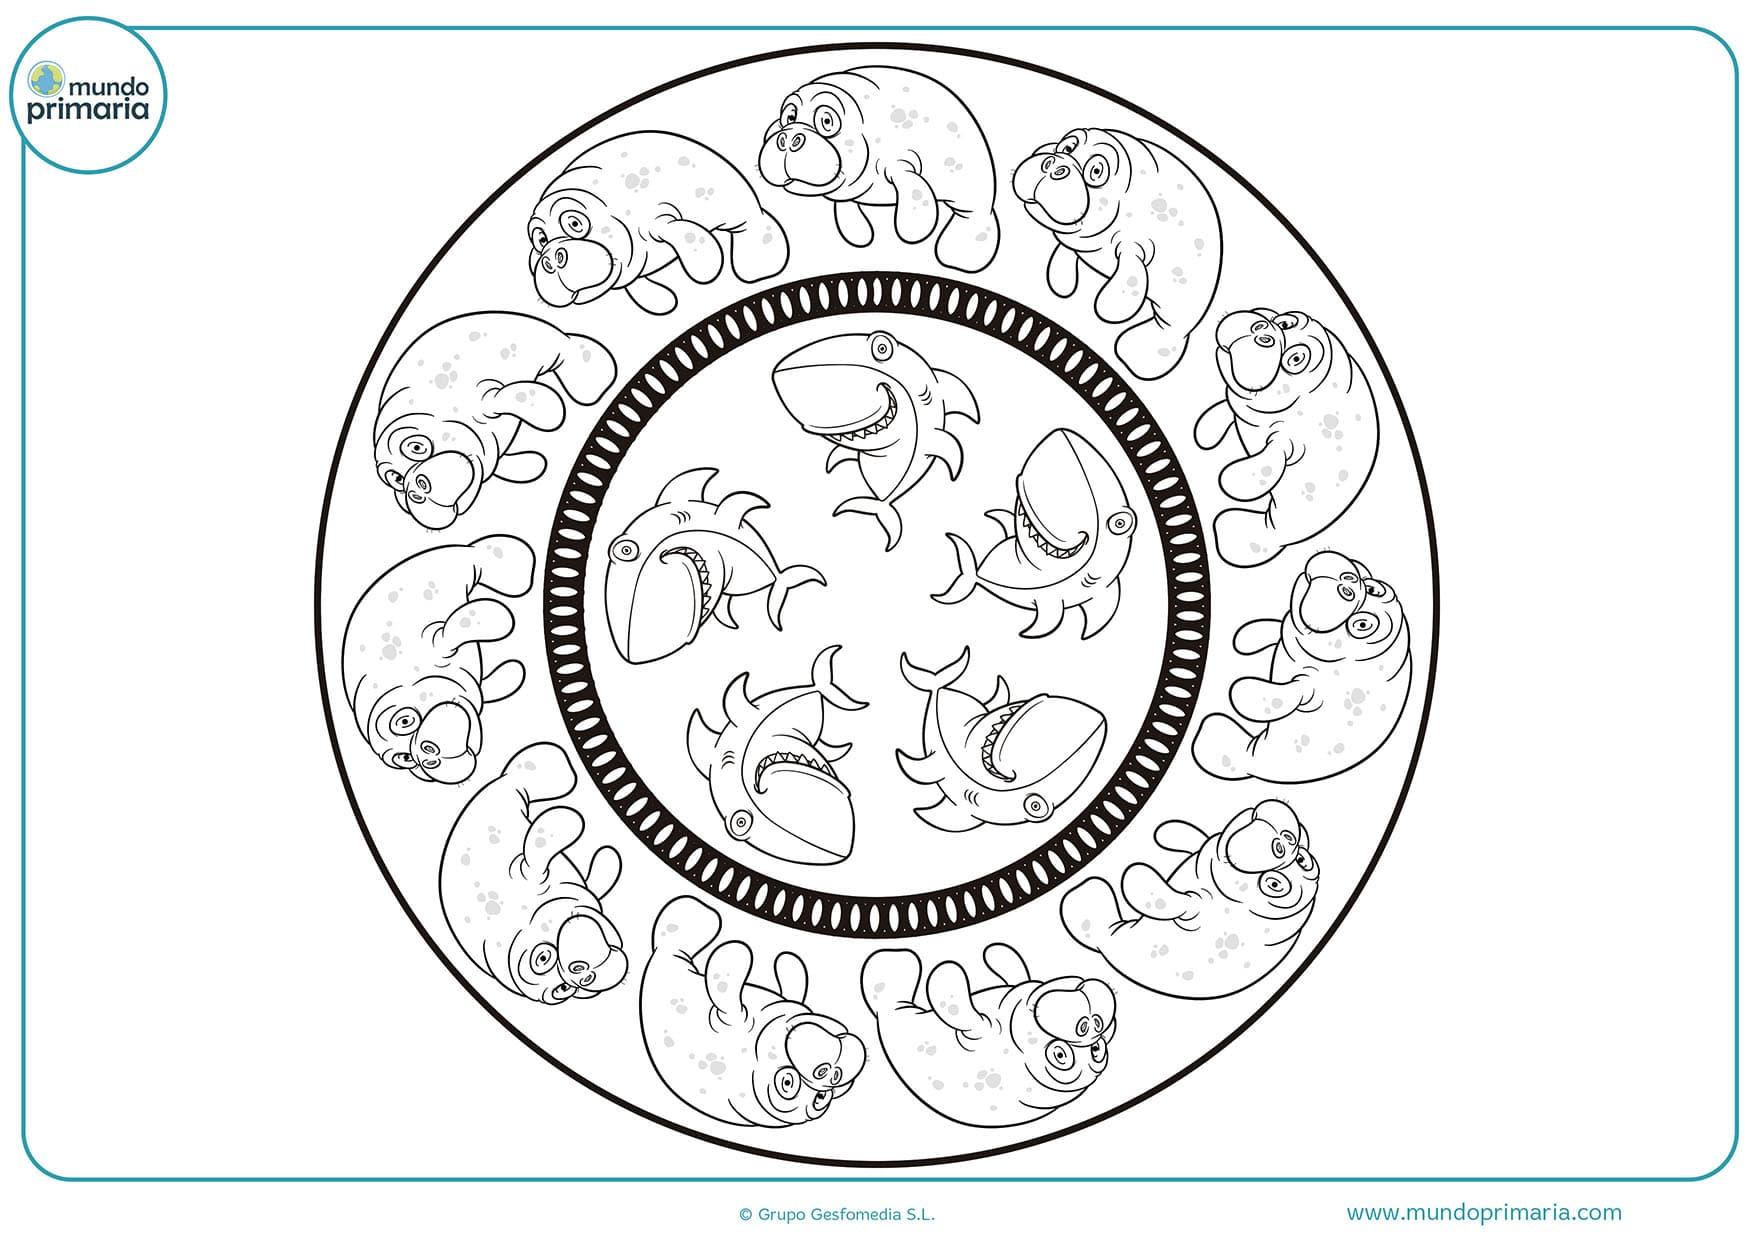 Dibujos de MANDALAS PARA COLOREAR para niños 【2018】